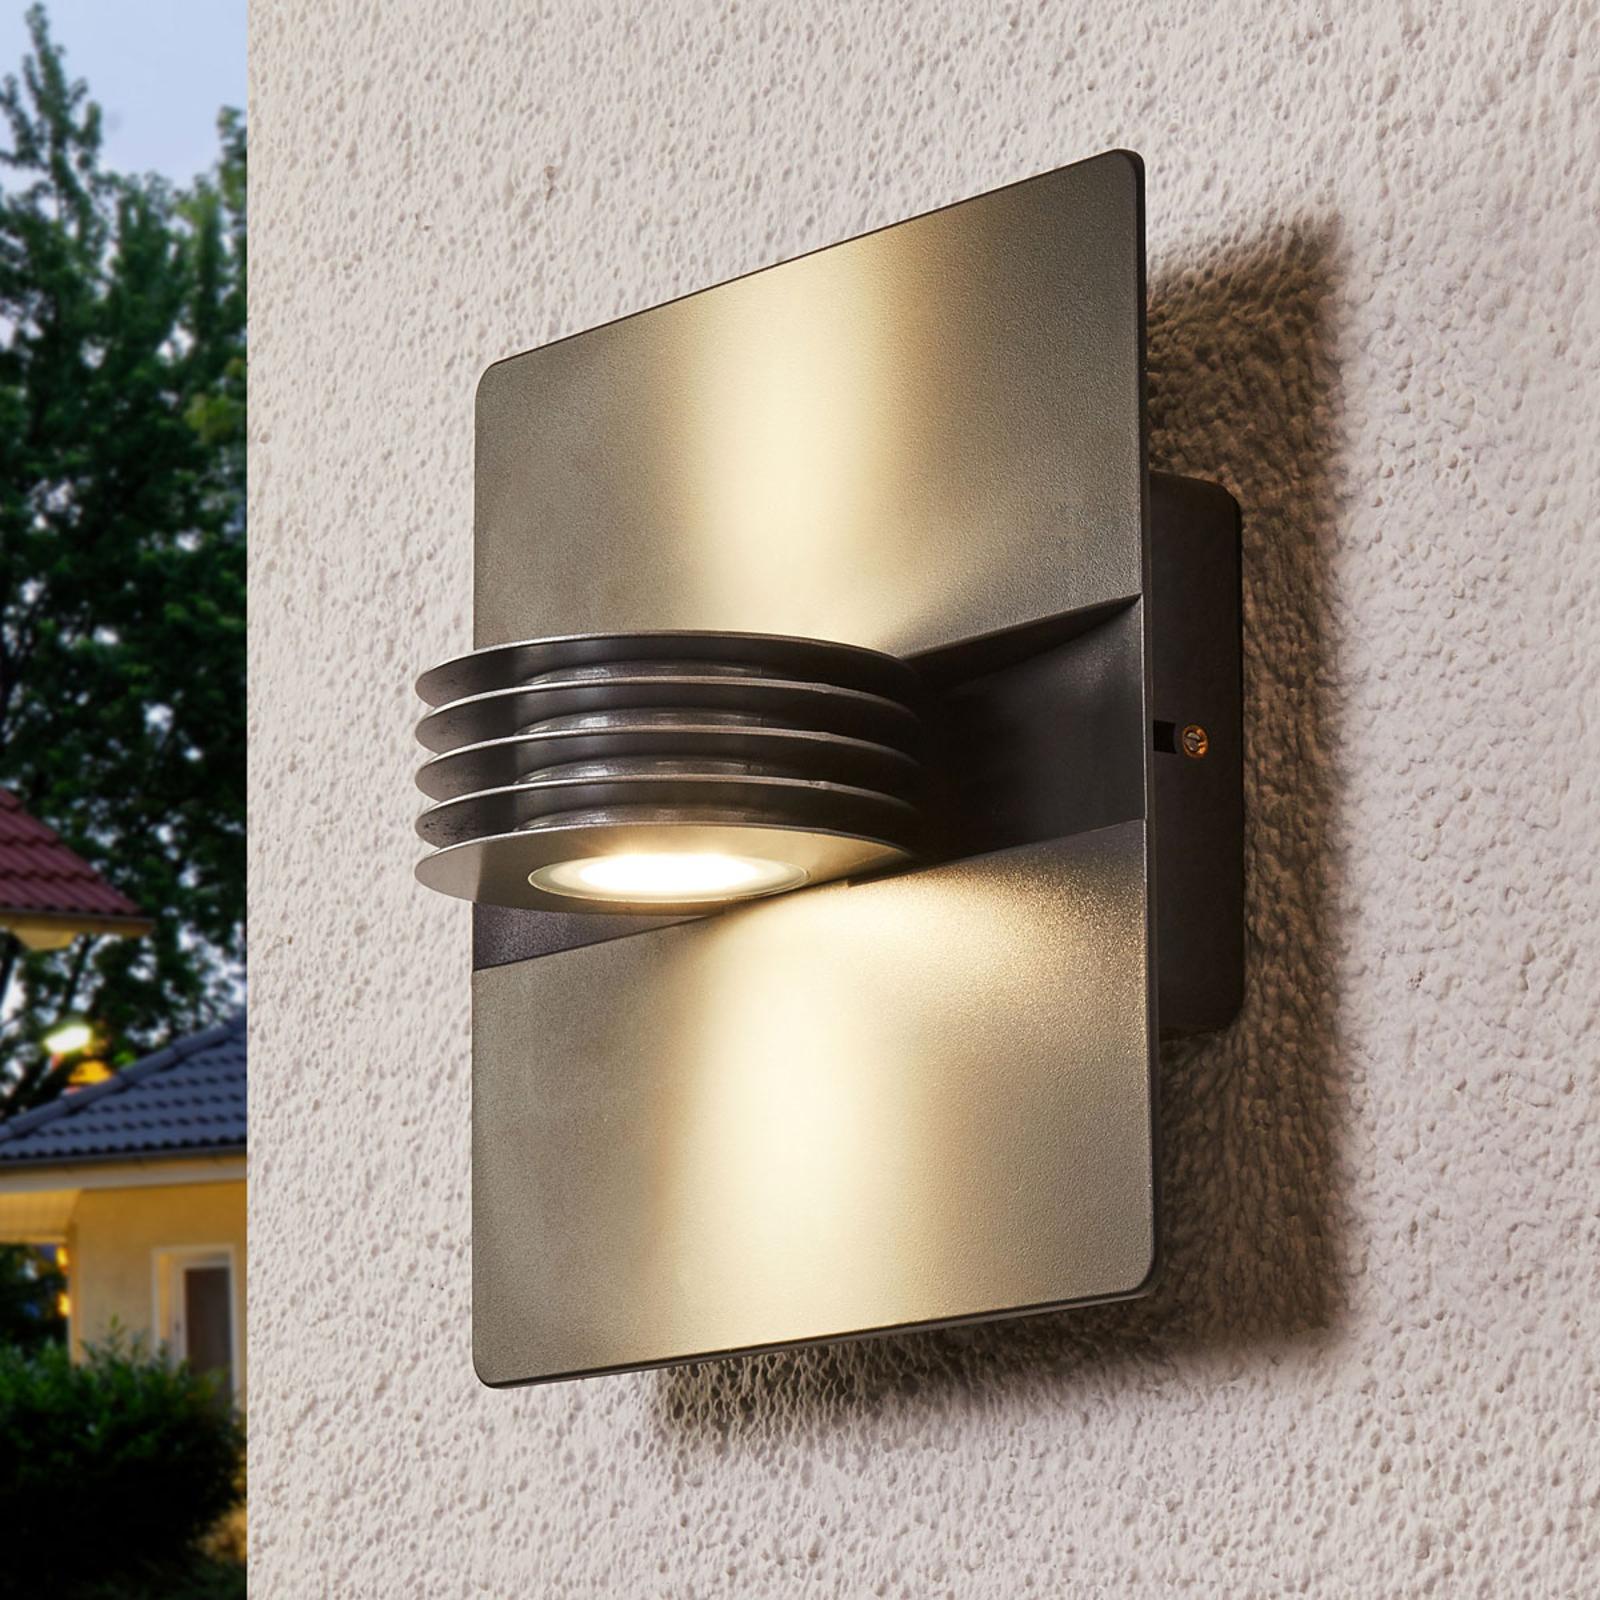 Applique d'extérieur LED Split anthracite